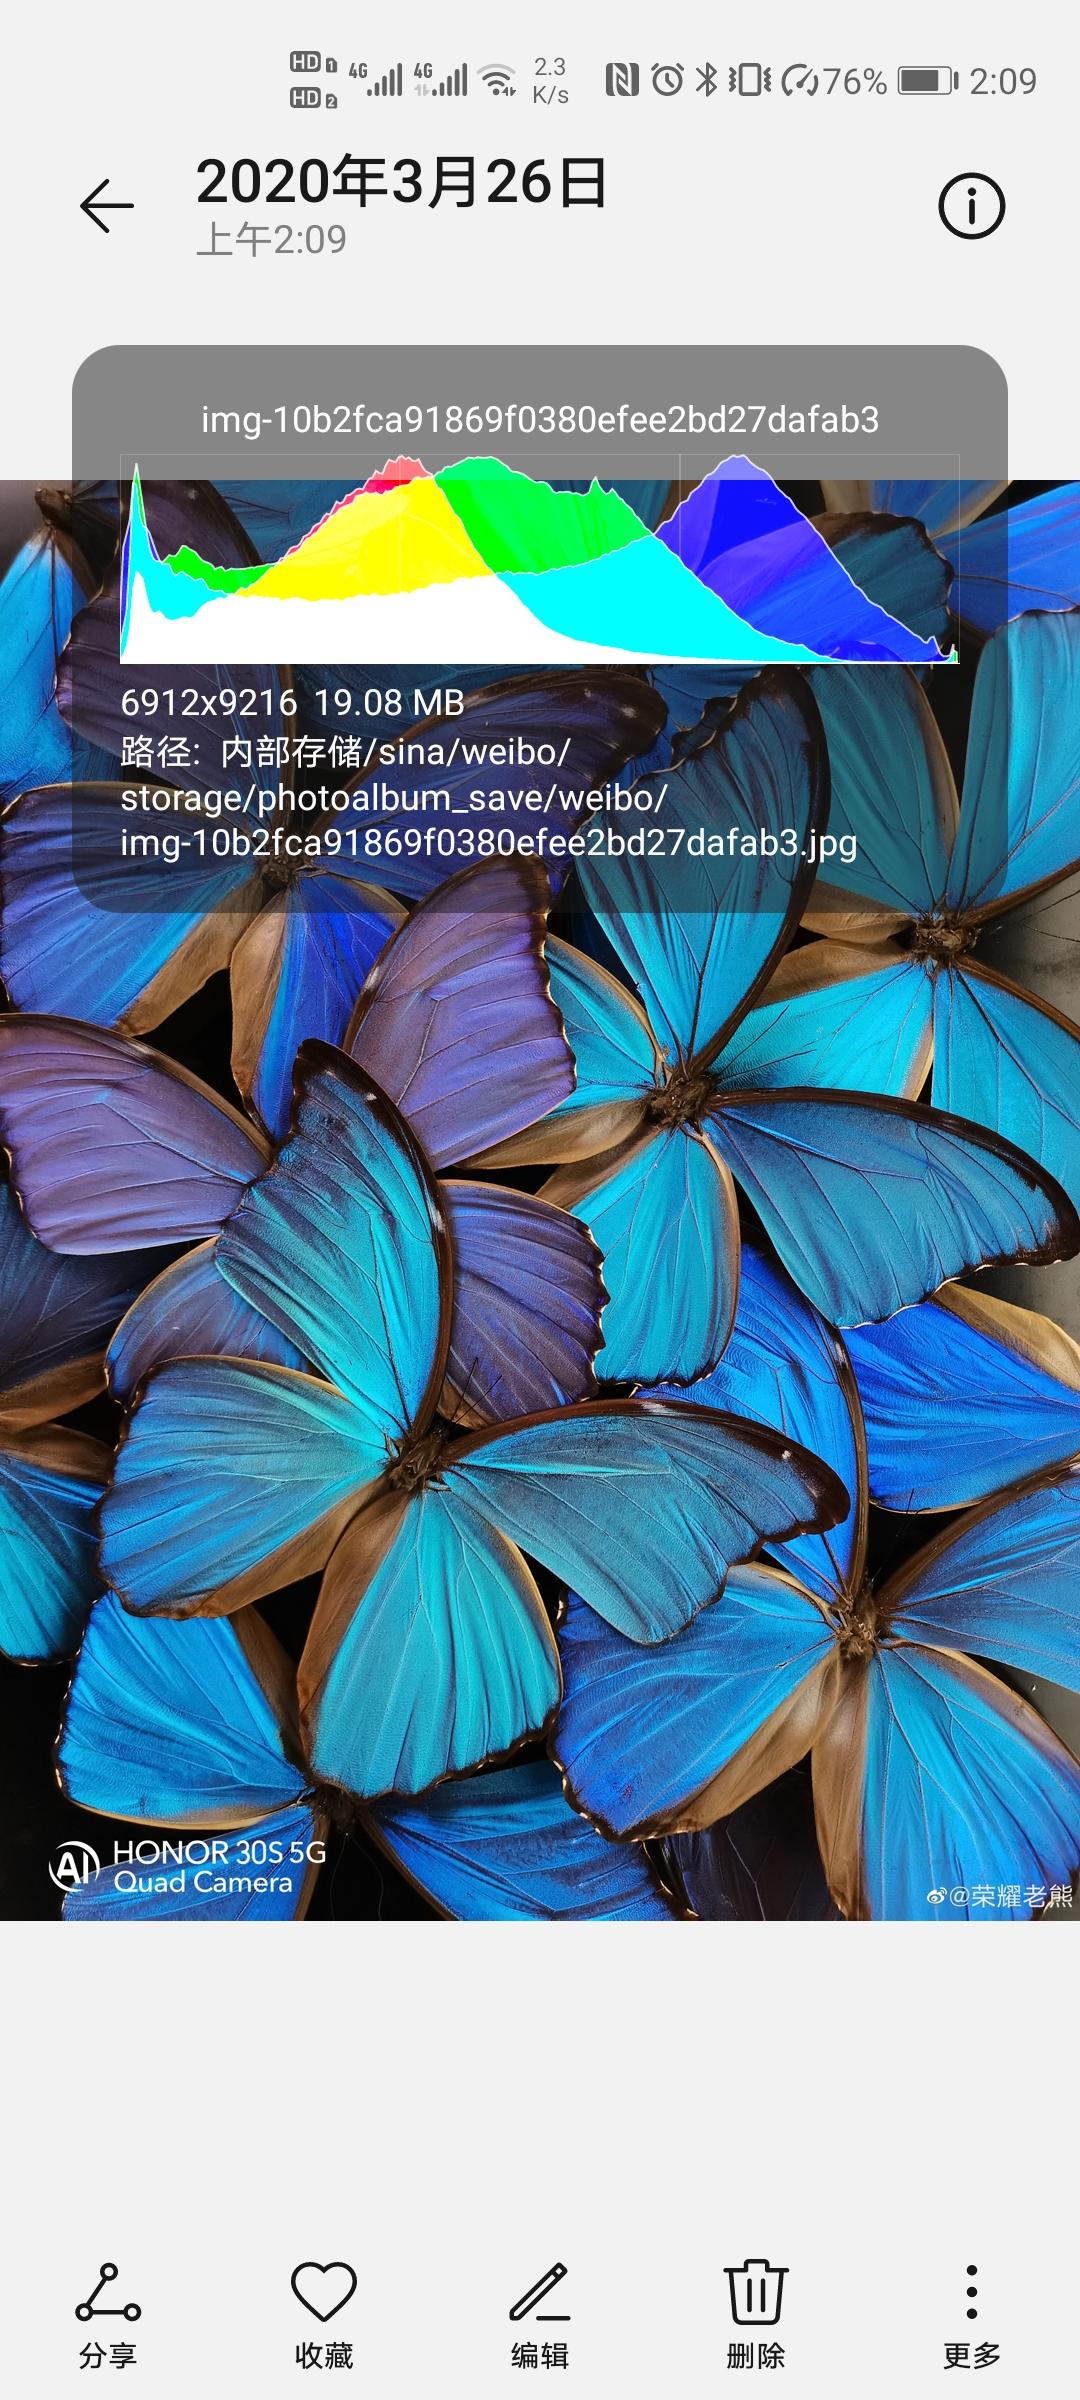 021941lpxwa4xkfpqdkhcf.jpg